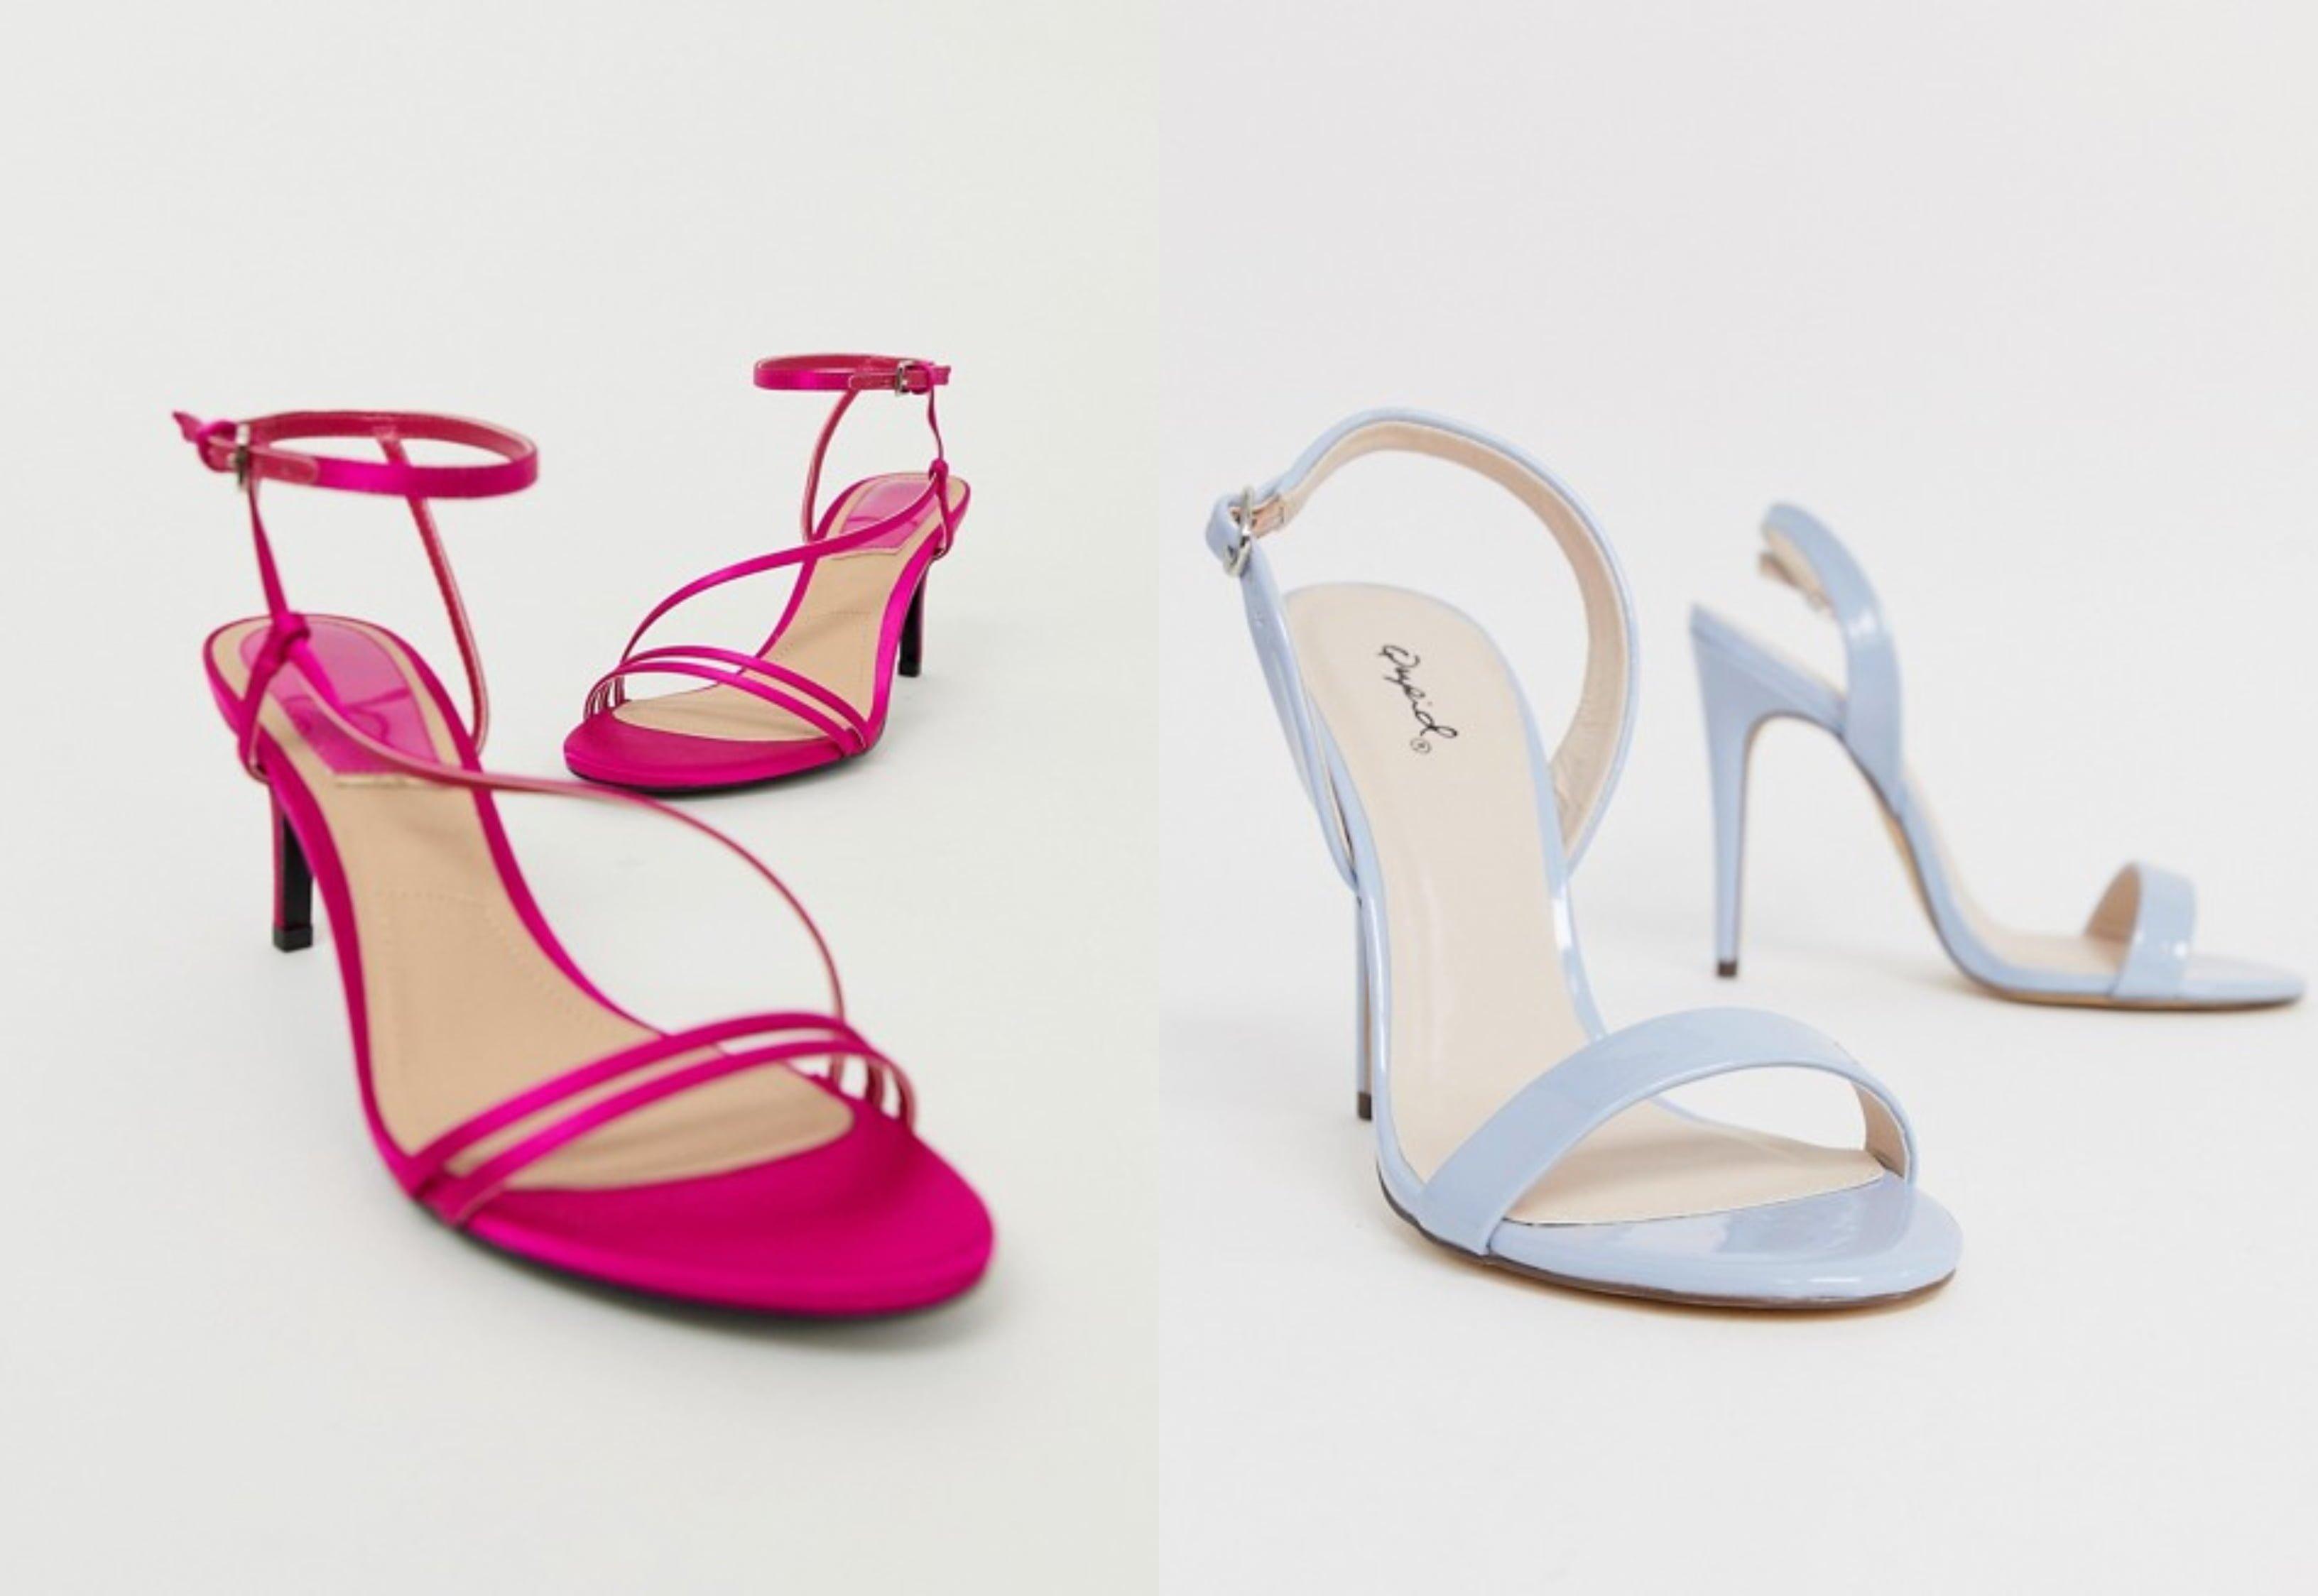 Sandala Na Modeli Koje Možete Kupiti Odlični Sniženju wXTZliPOku